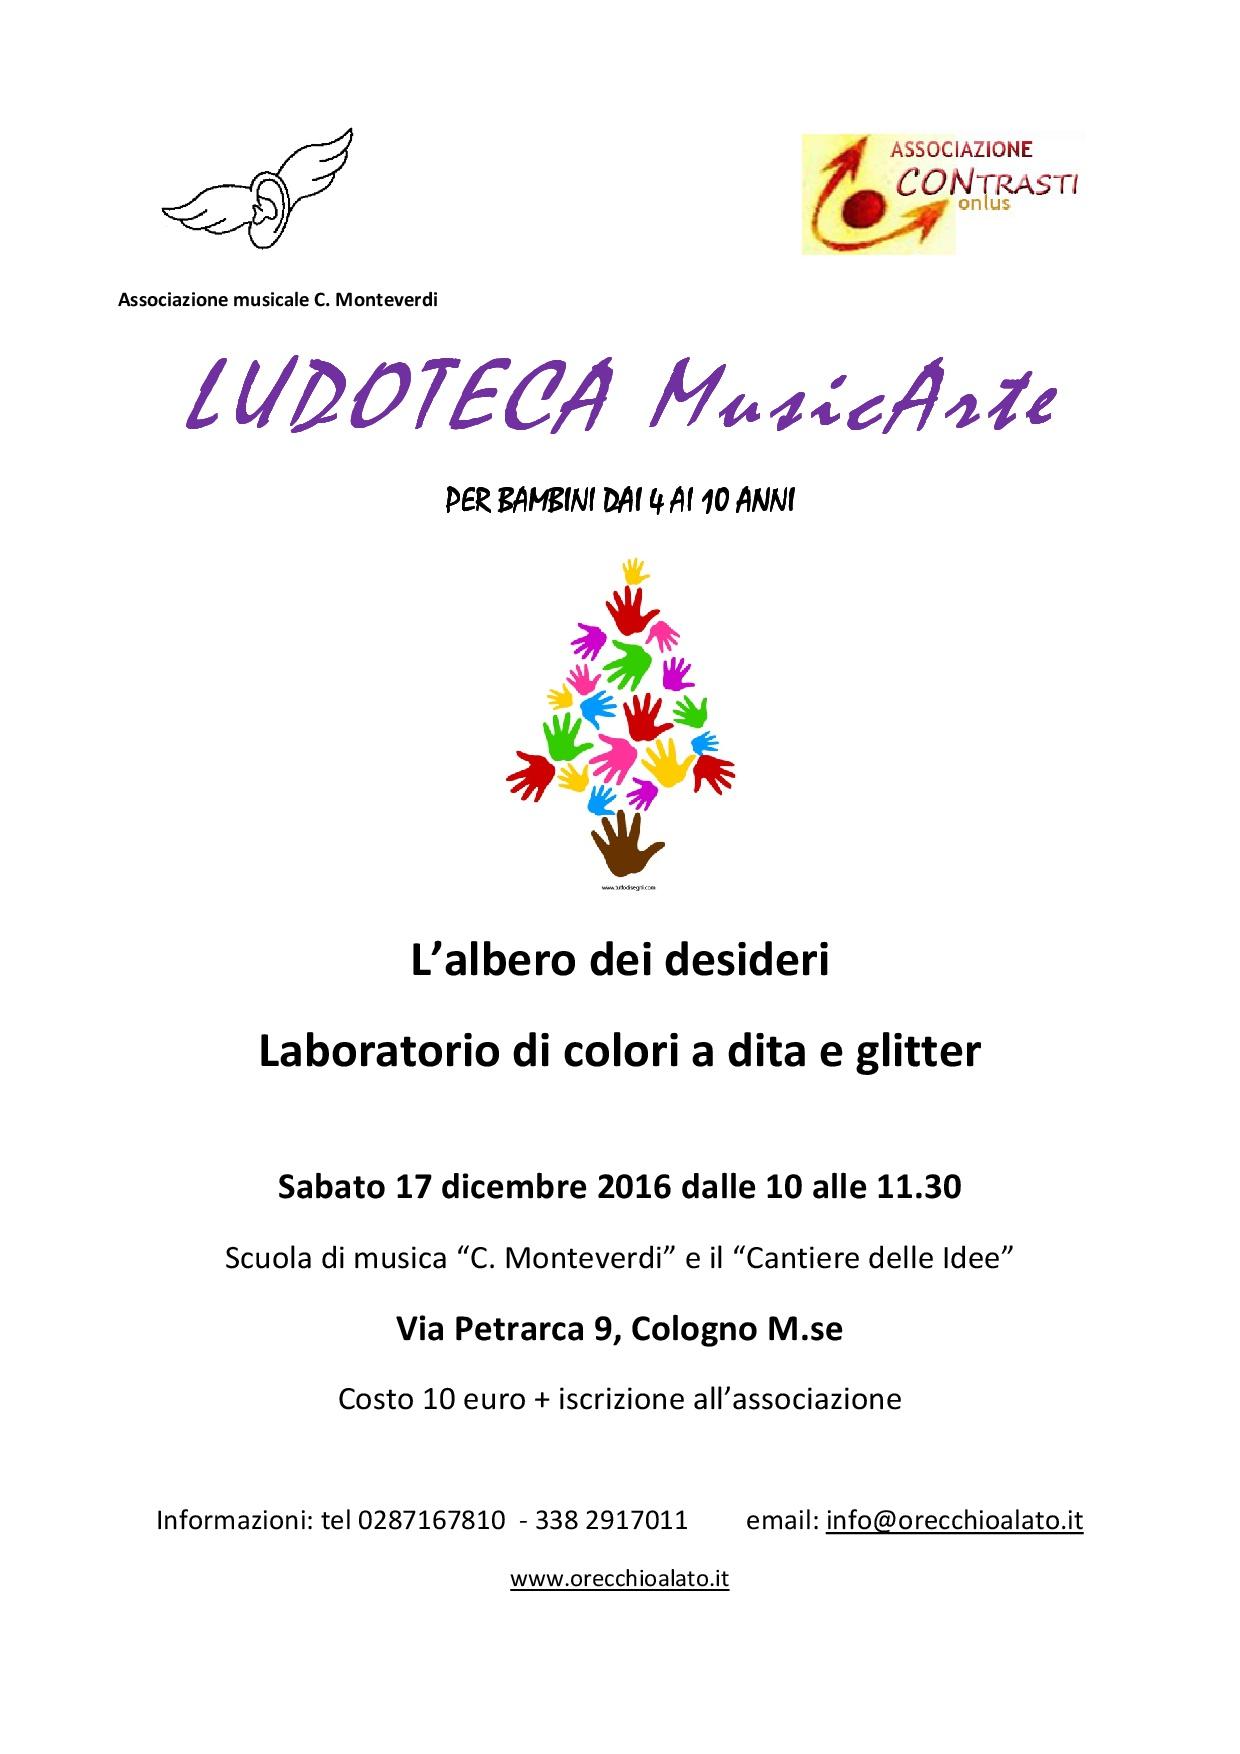 volantino-ludoteca-terzo-incontro-di-dicembre-2016